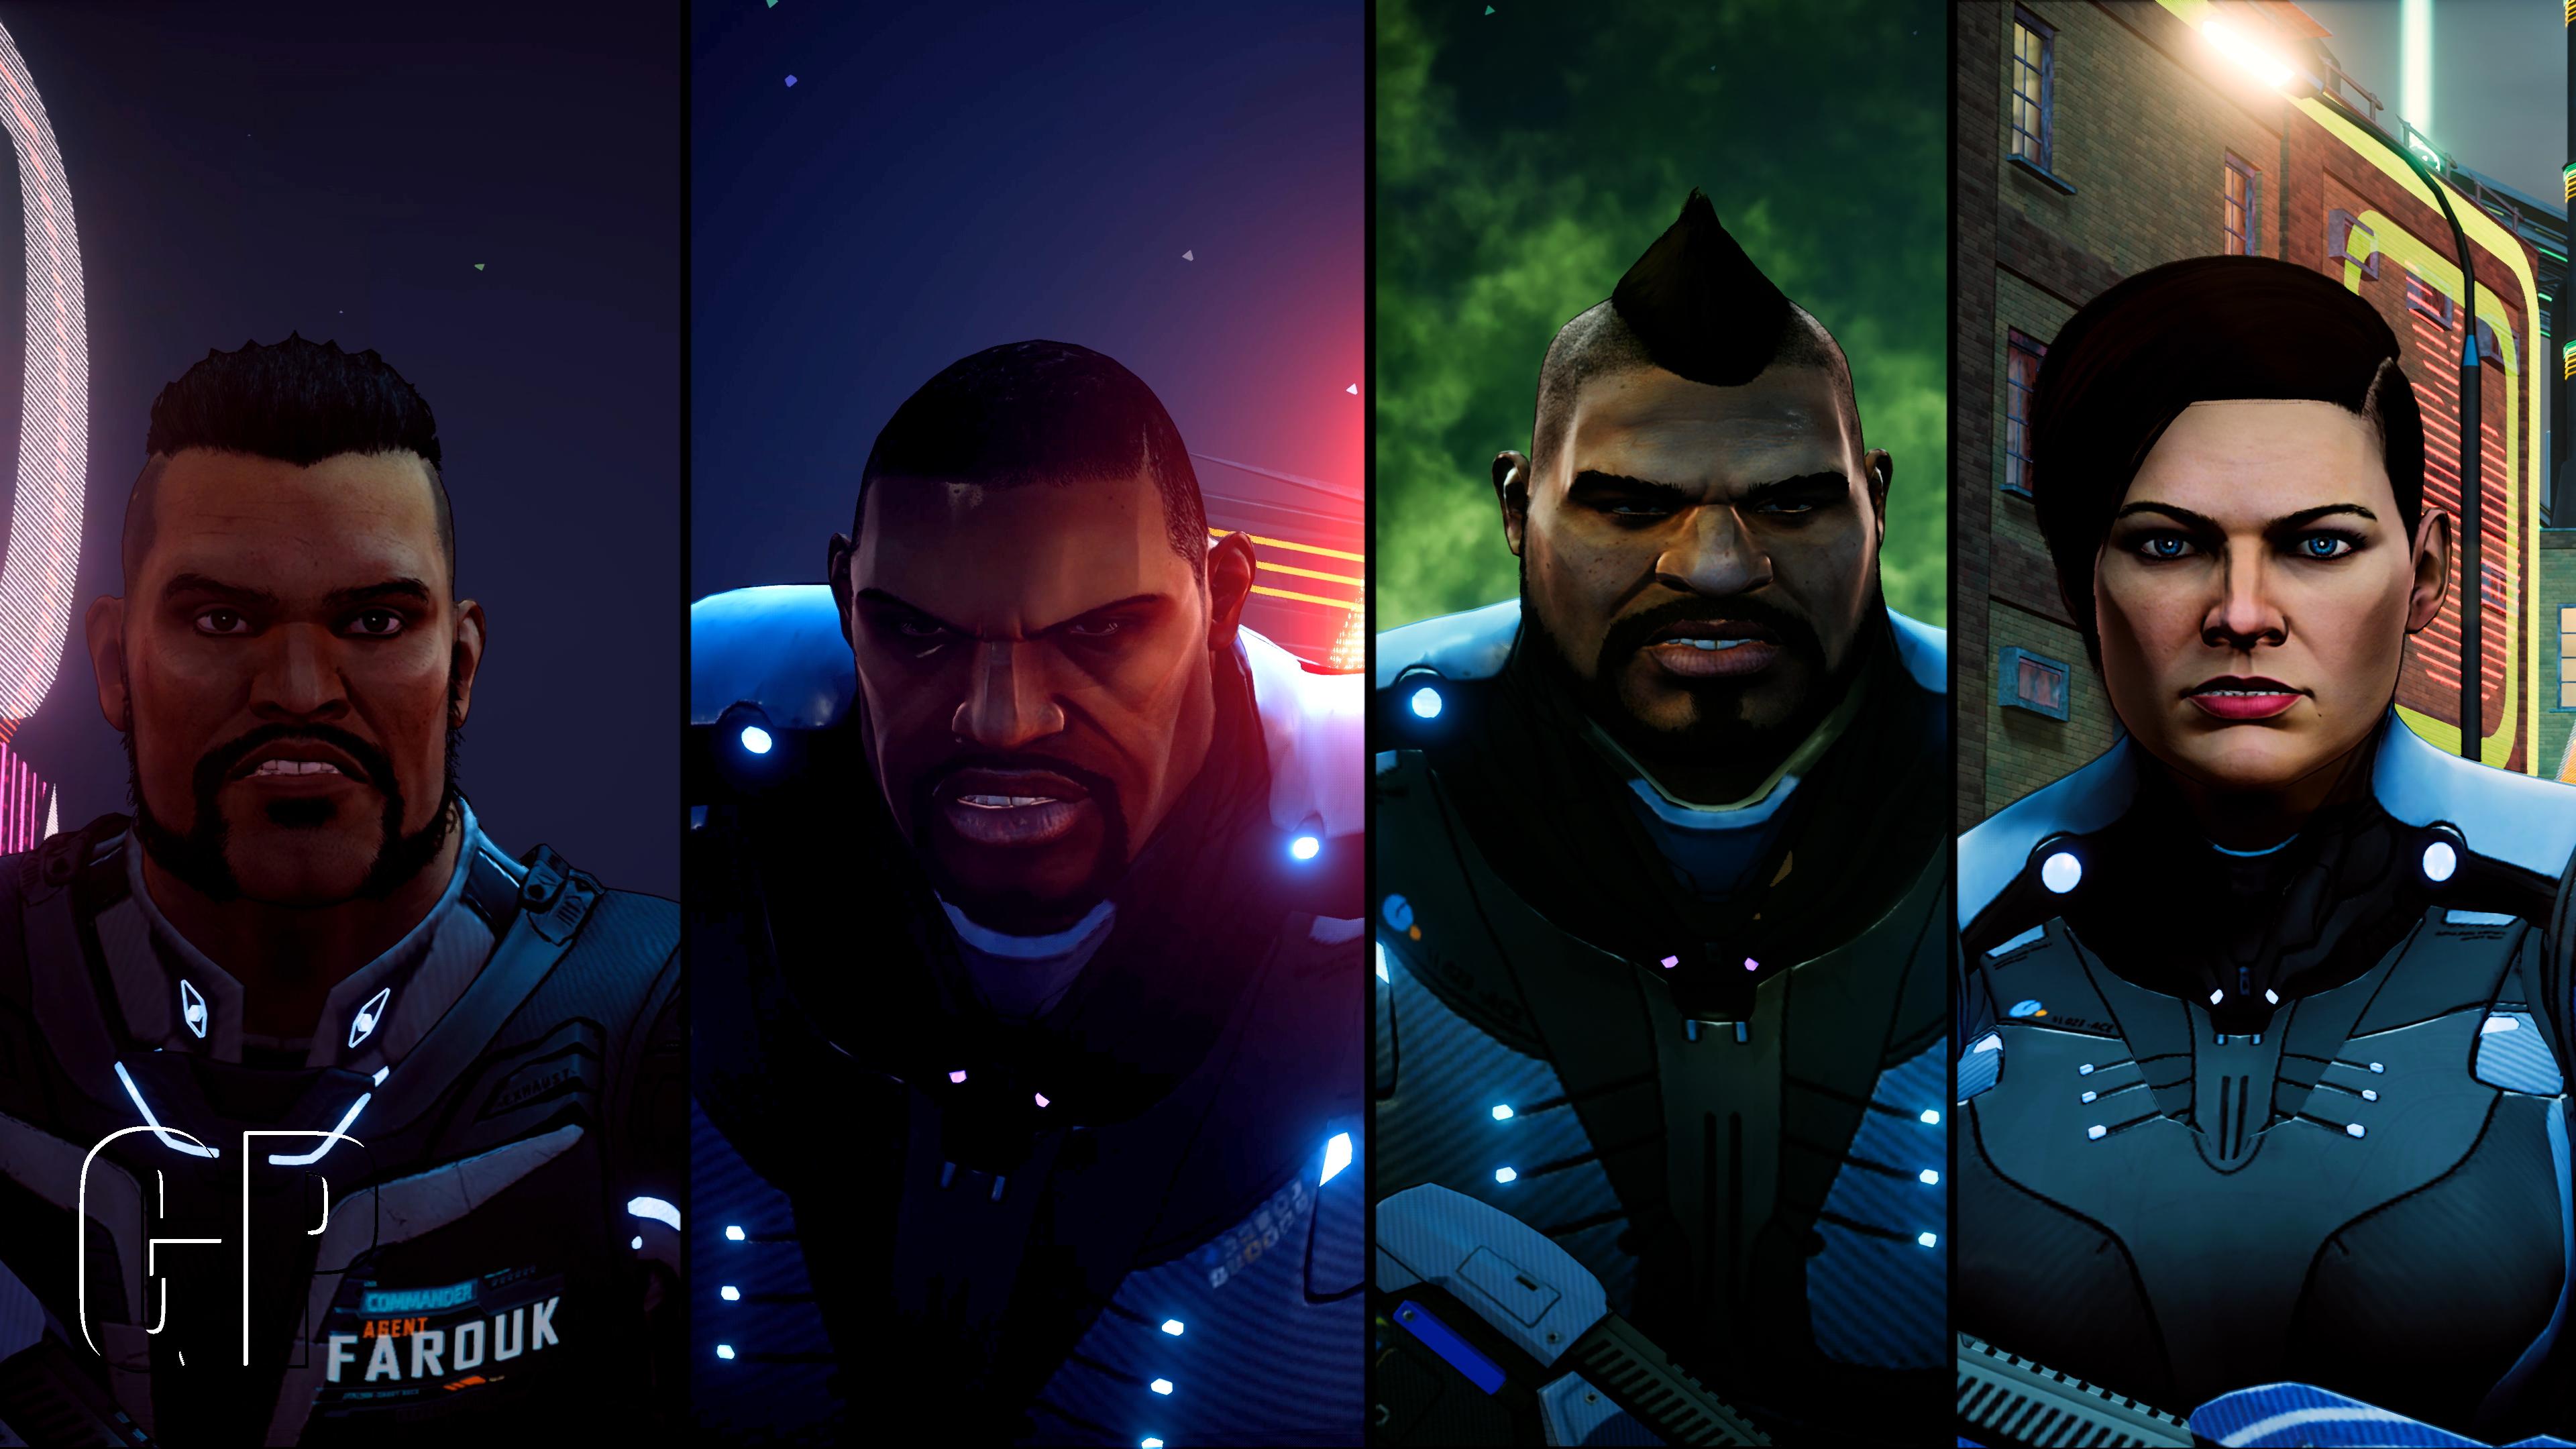 Crackdown 3 - Agents art